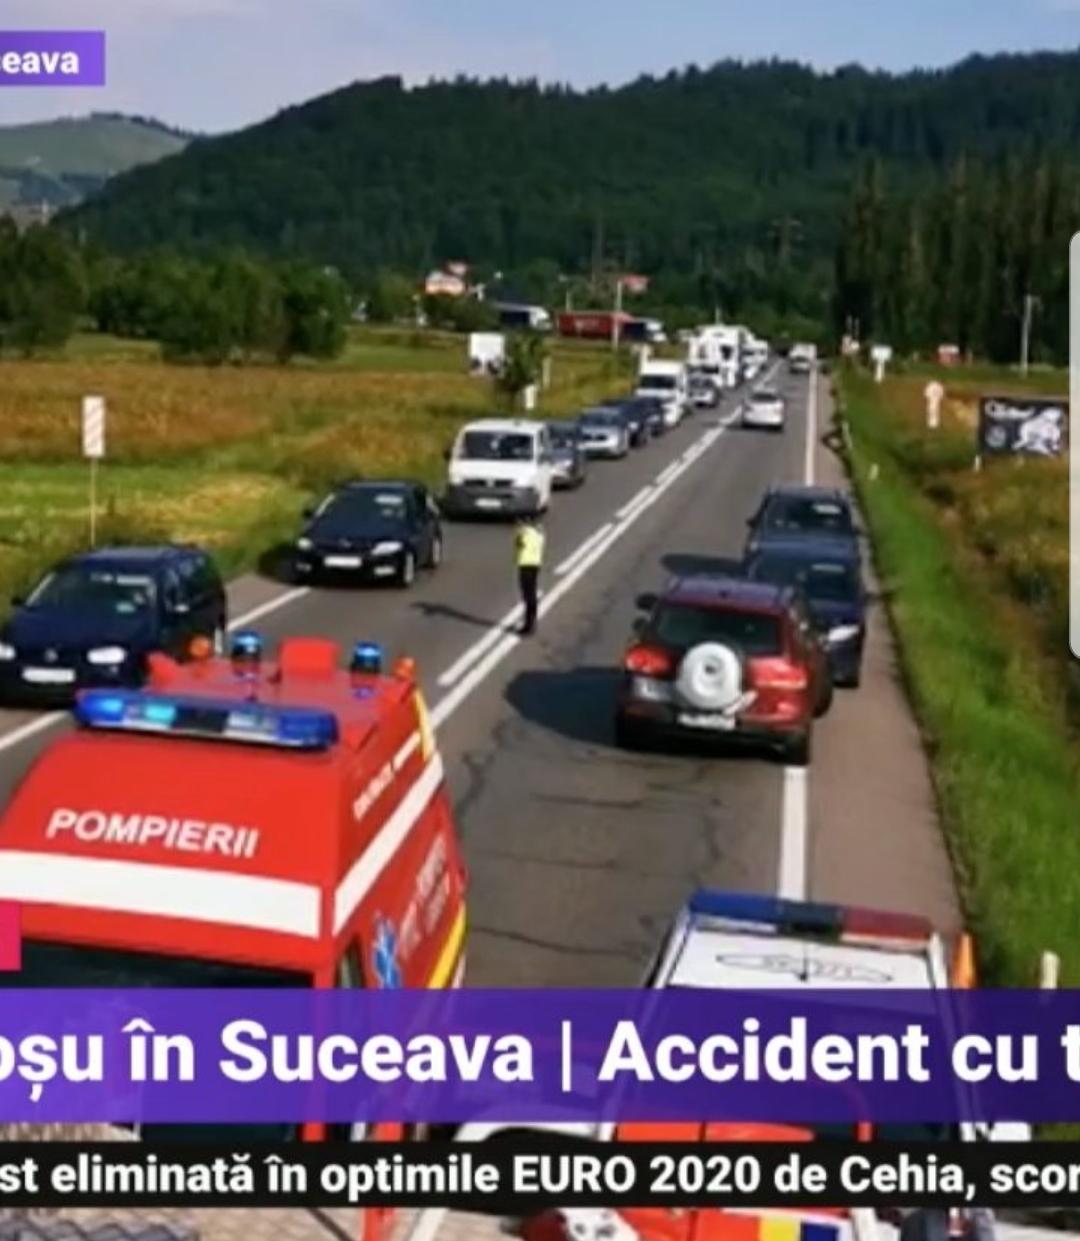 Accident cu doua microbuze și un autoturism, 7 victime duse la spital